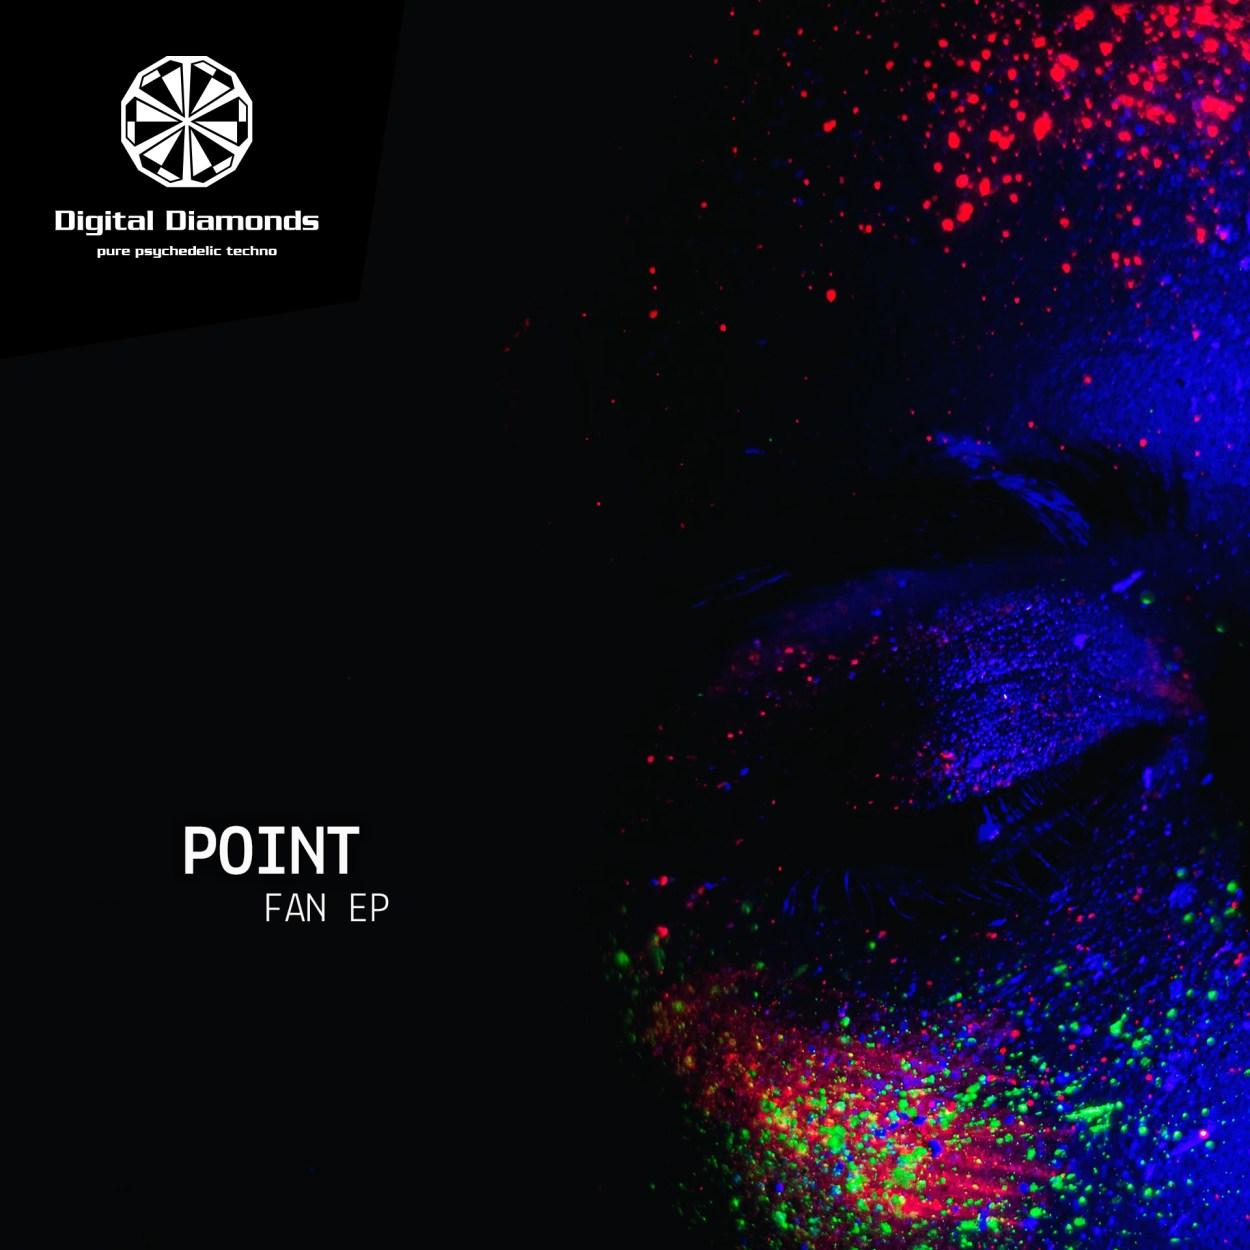 Point – Fan EP